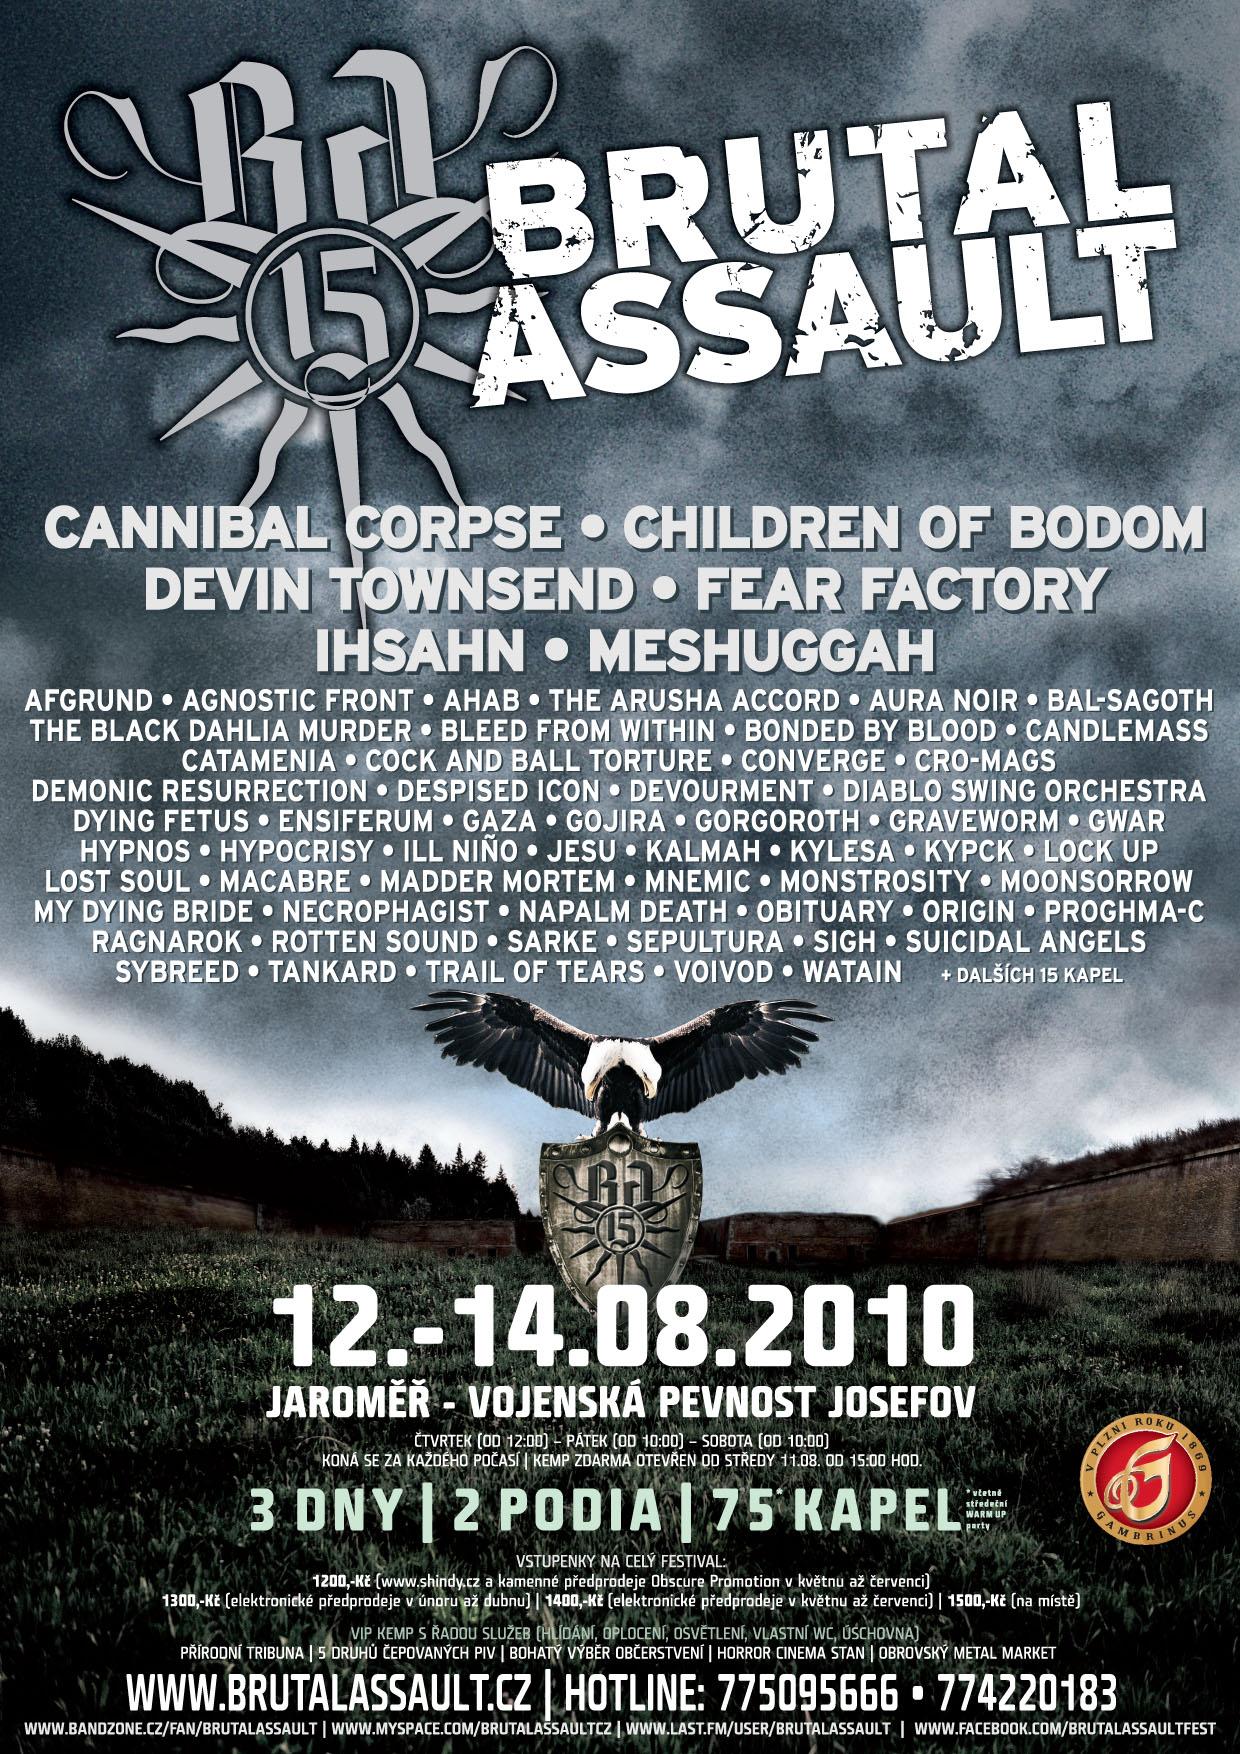 Brutal Assault 2010 @ Jaromer (République Tchèque), du 12 au 14 Aout 2010